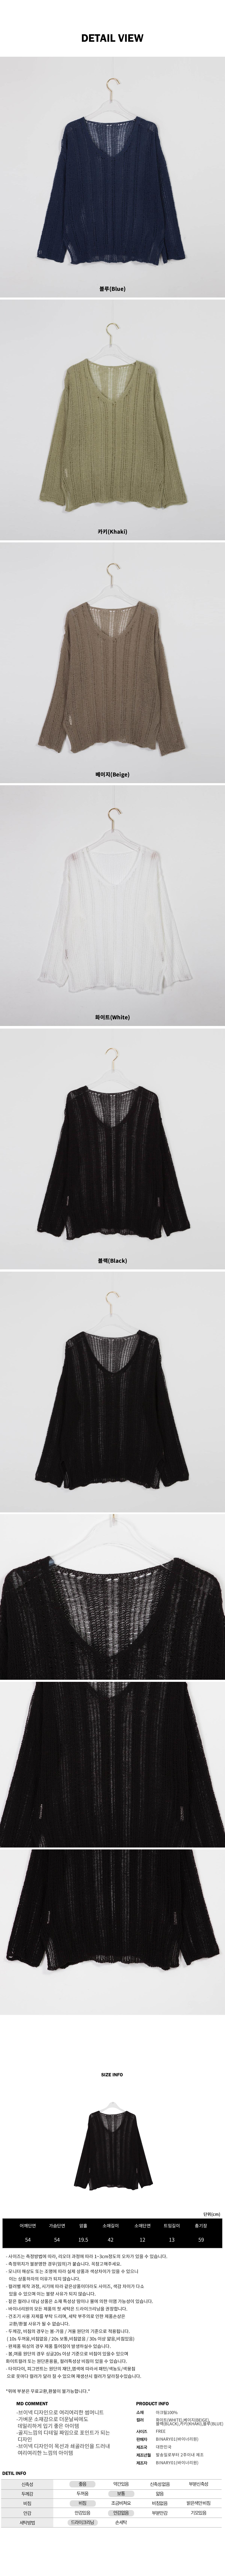 V-Neck Dear Summer Knitwear